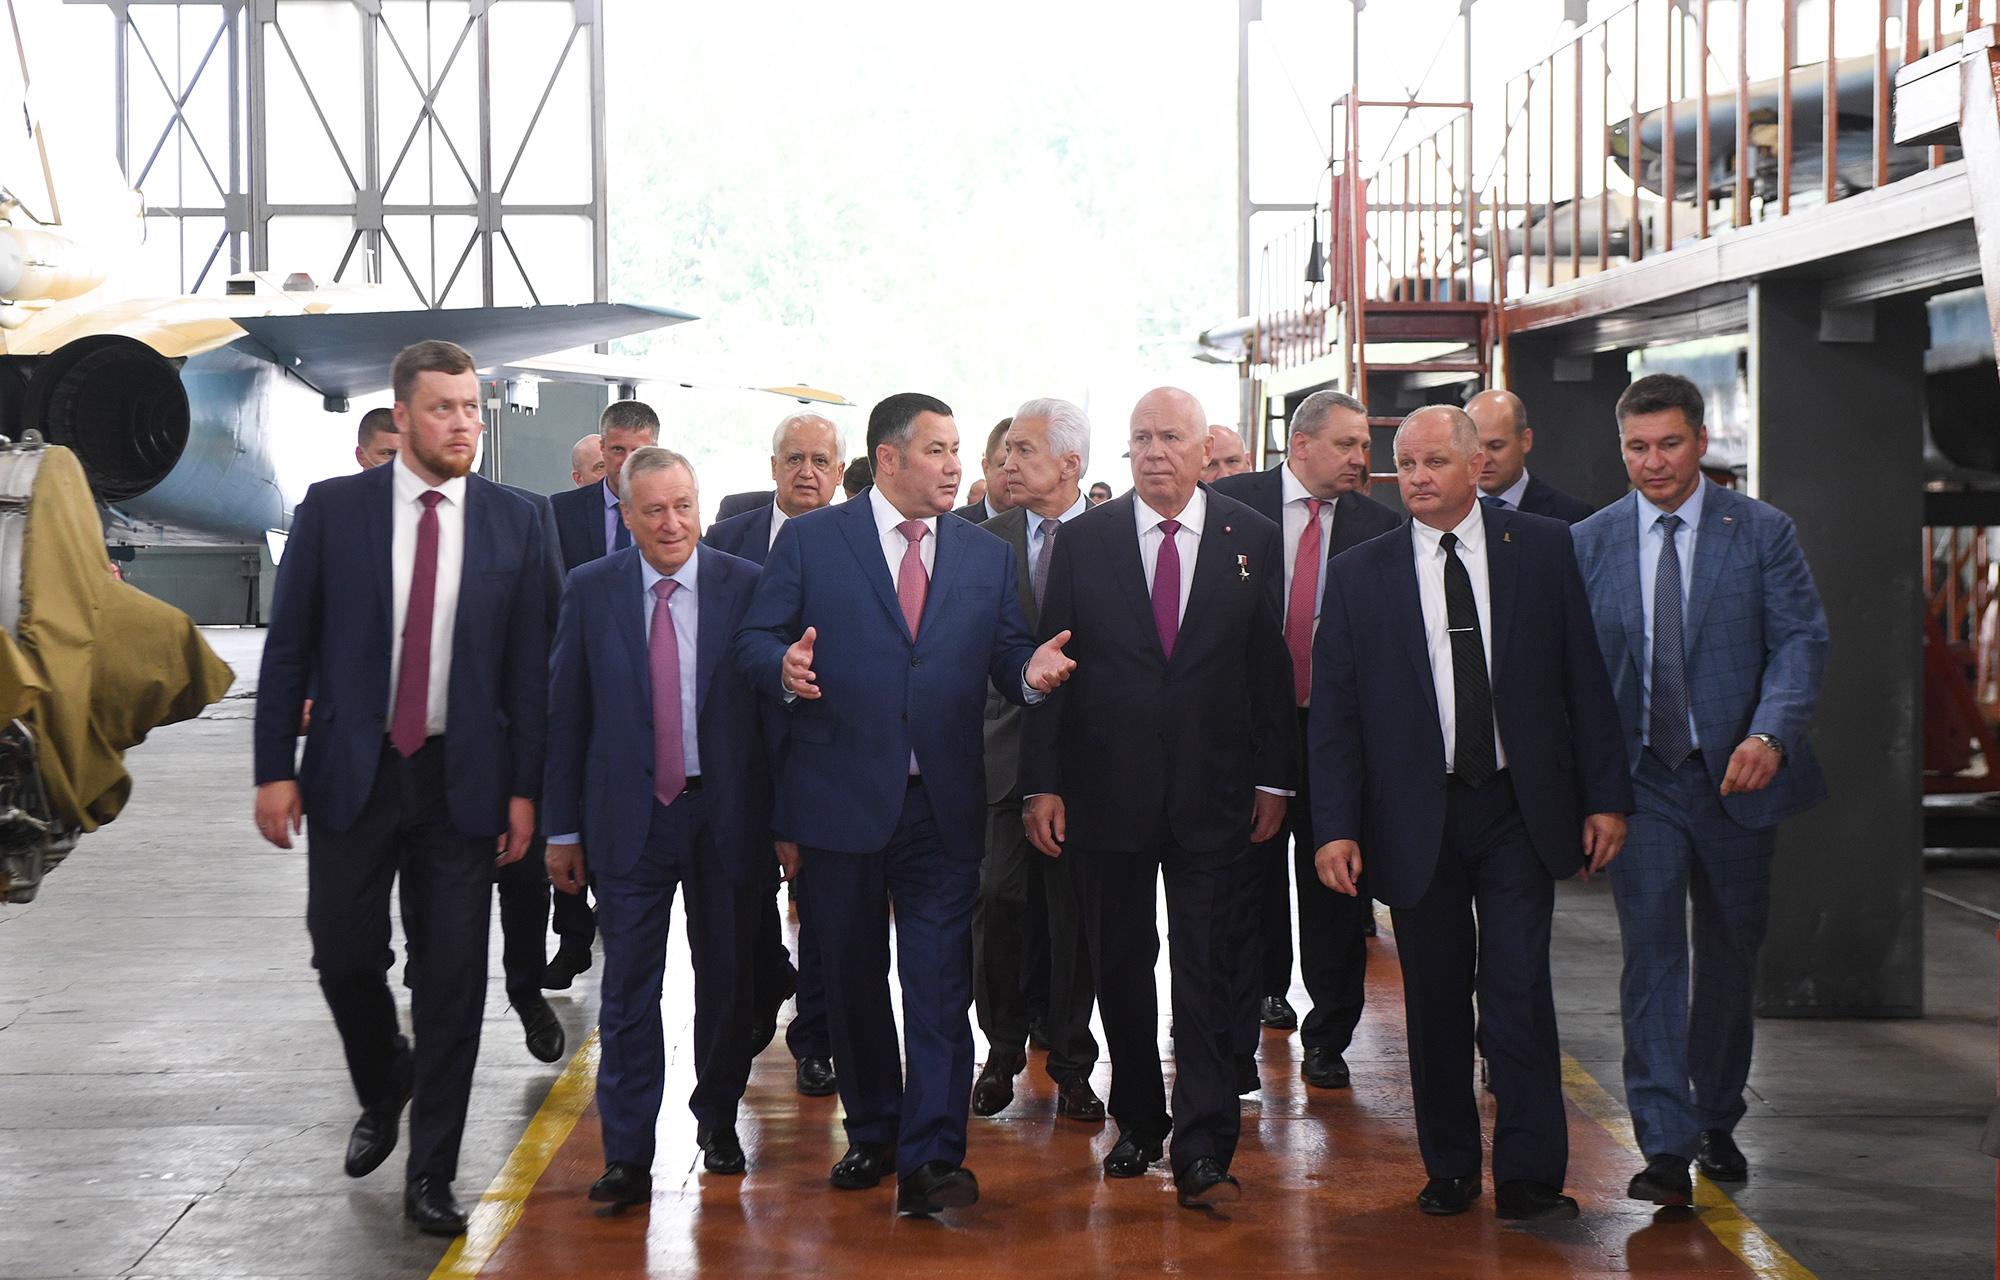 Игорь Руденя, Сергей Чемезов и Владимир Васильев посетили 514 авиационный ремонтный завод в Ржеве